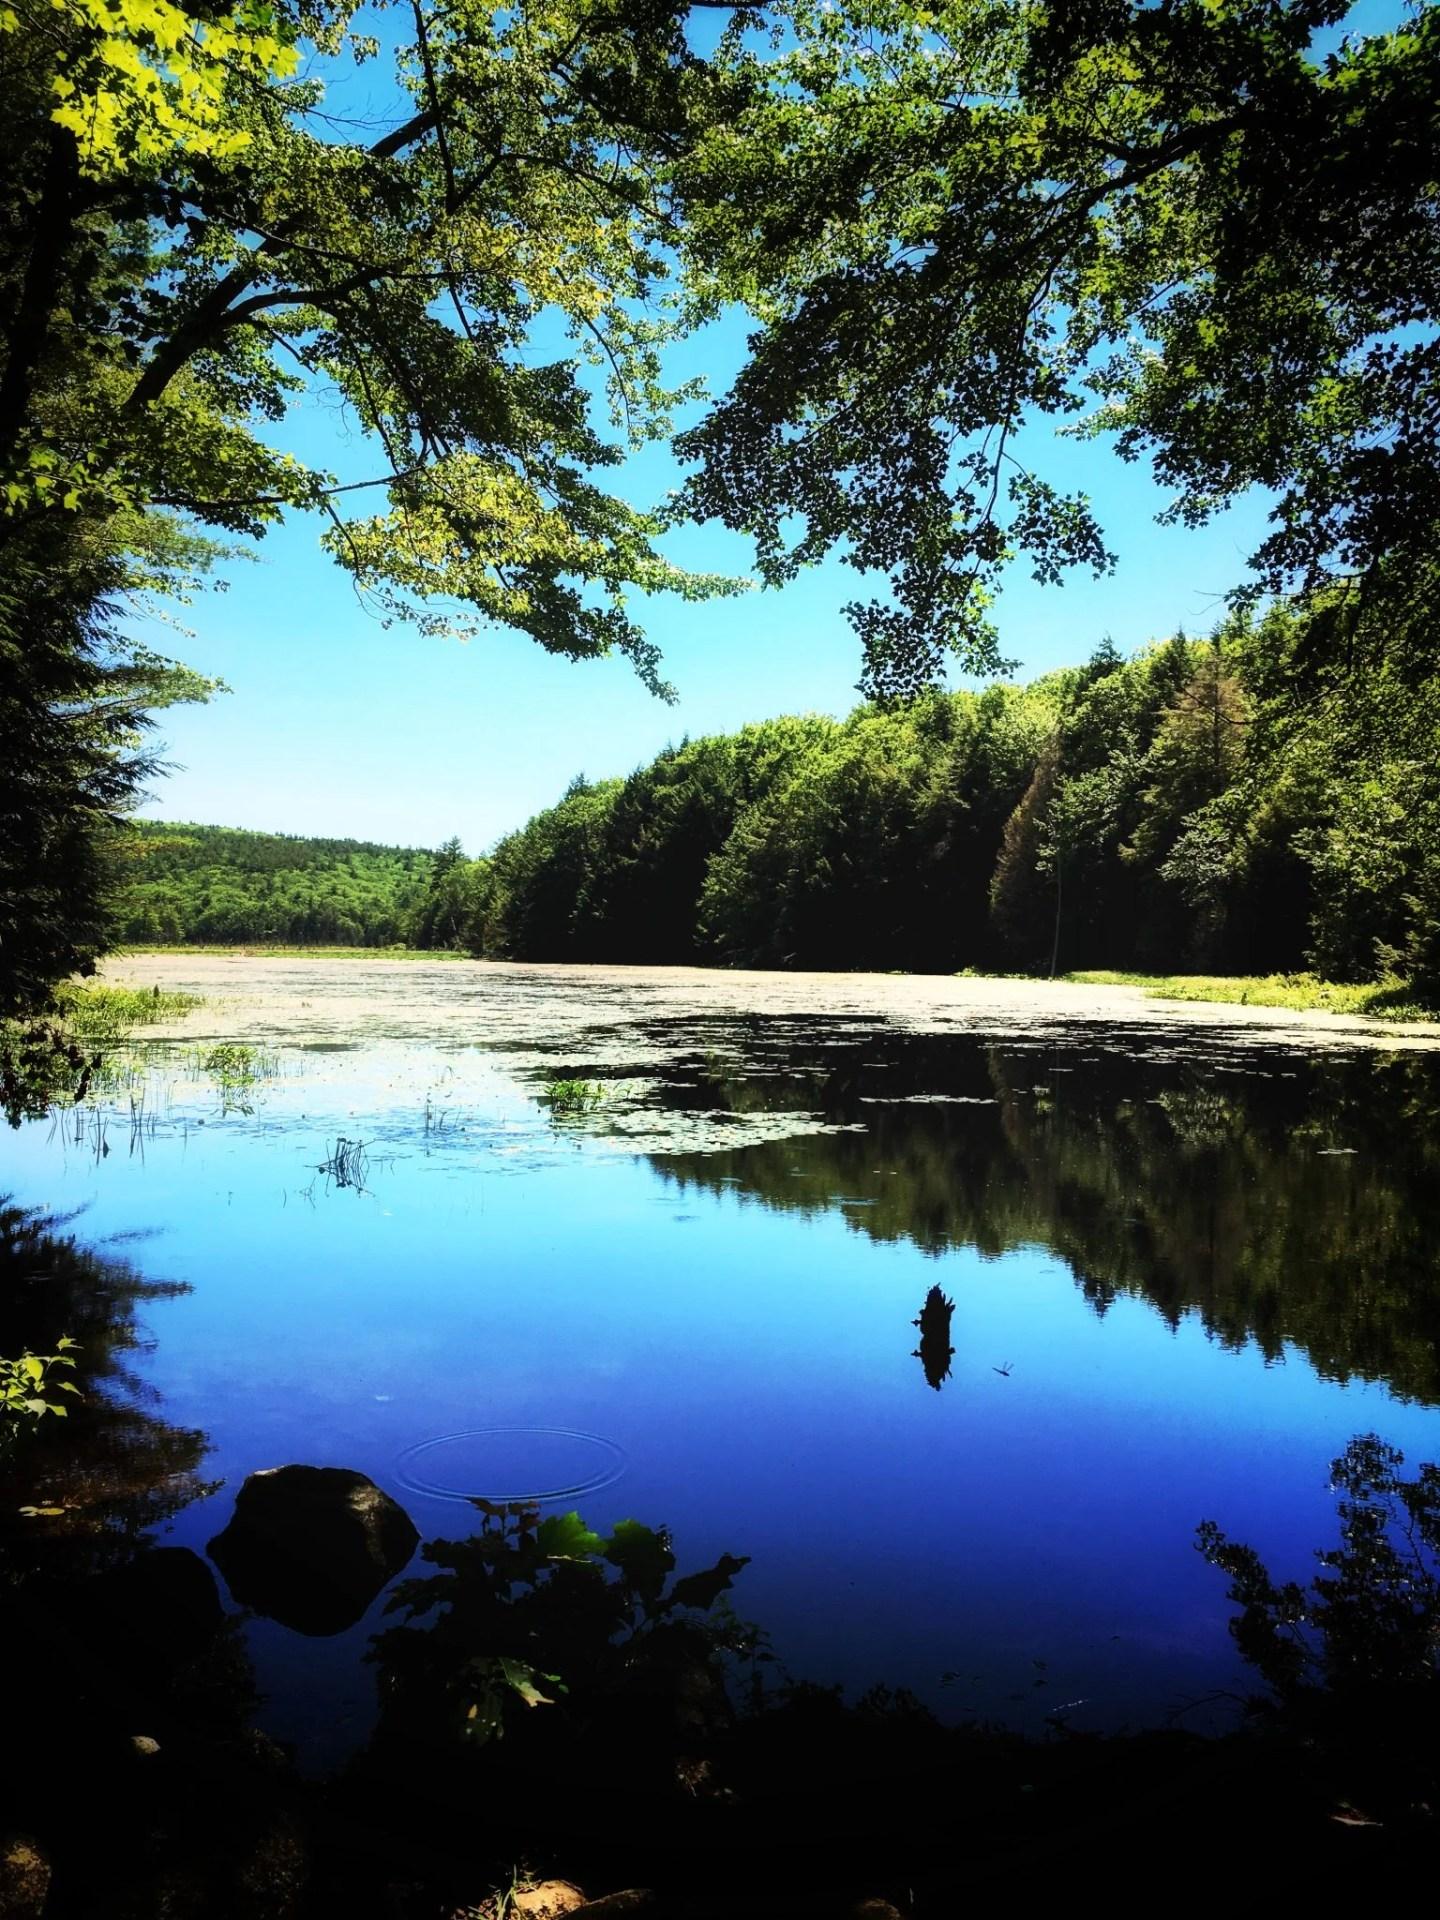 Gilman Pond, Alton, Lake Winnipesaukee tour, New Hampshire